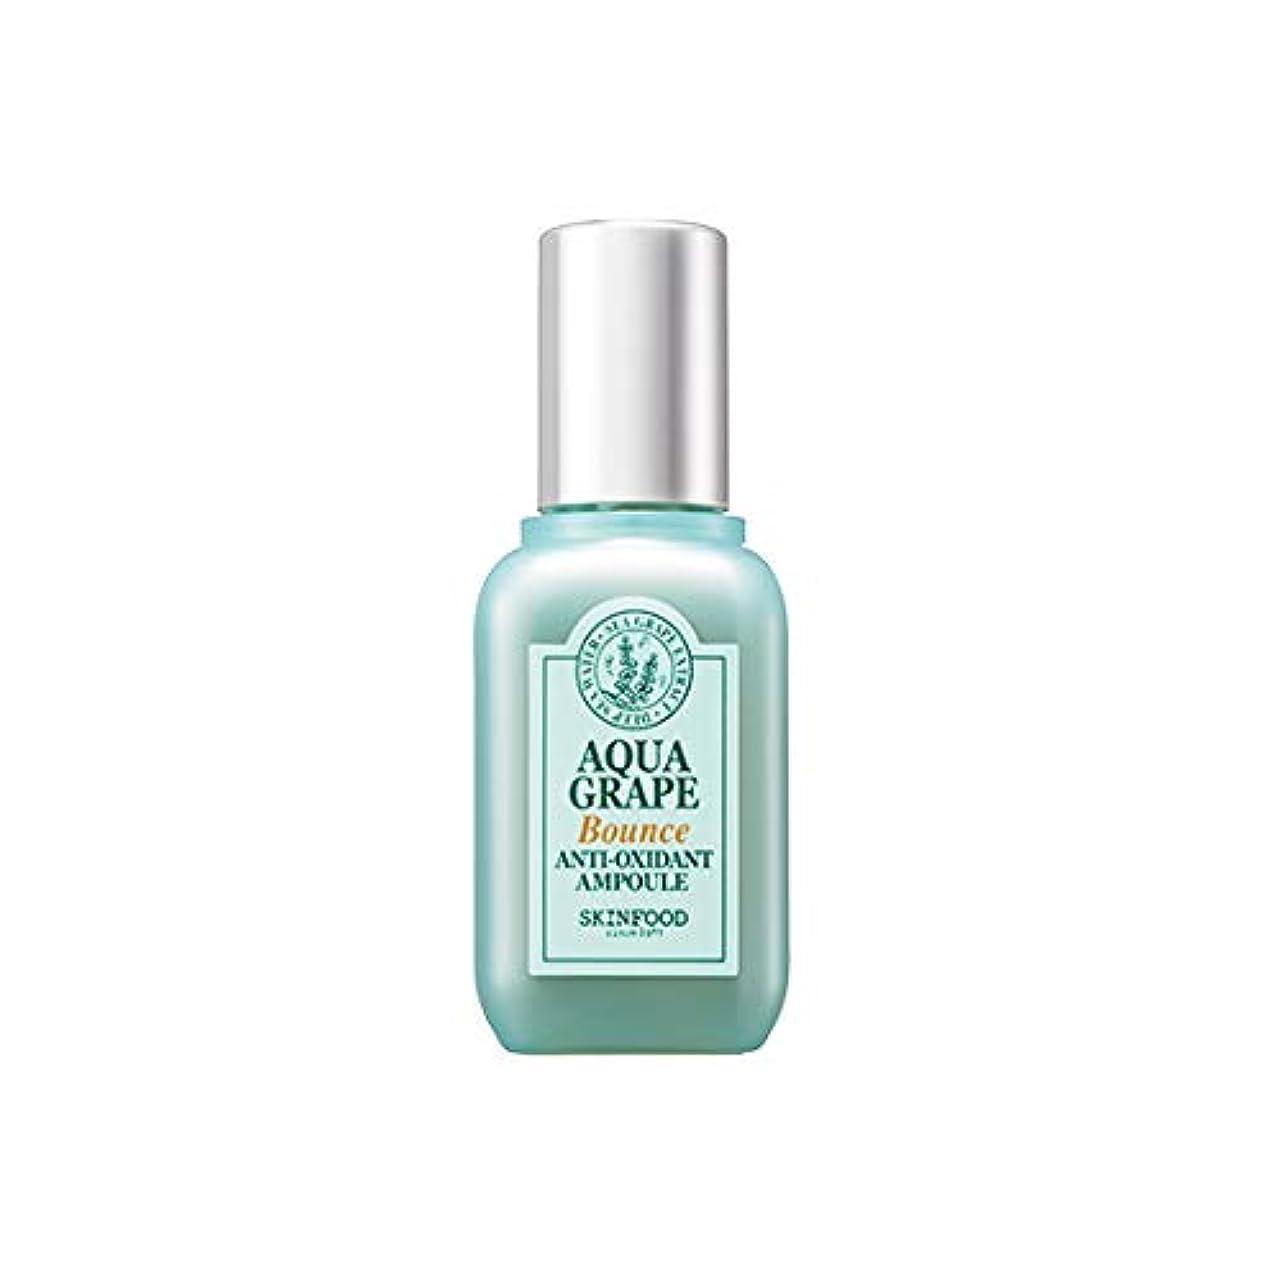 ピンポイント香ばしい密度Skinfood Aqua Grape Bounce Anti Oxidant Ampoule/アクアグレープバウンスアンチオキシダントアンプル/55g [並行輸入品]